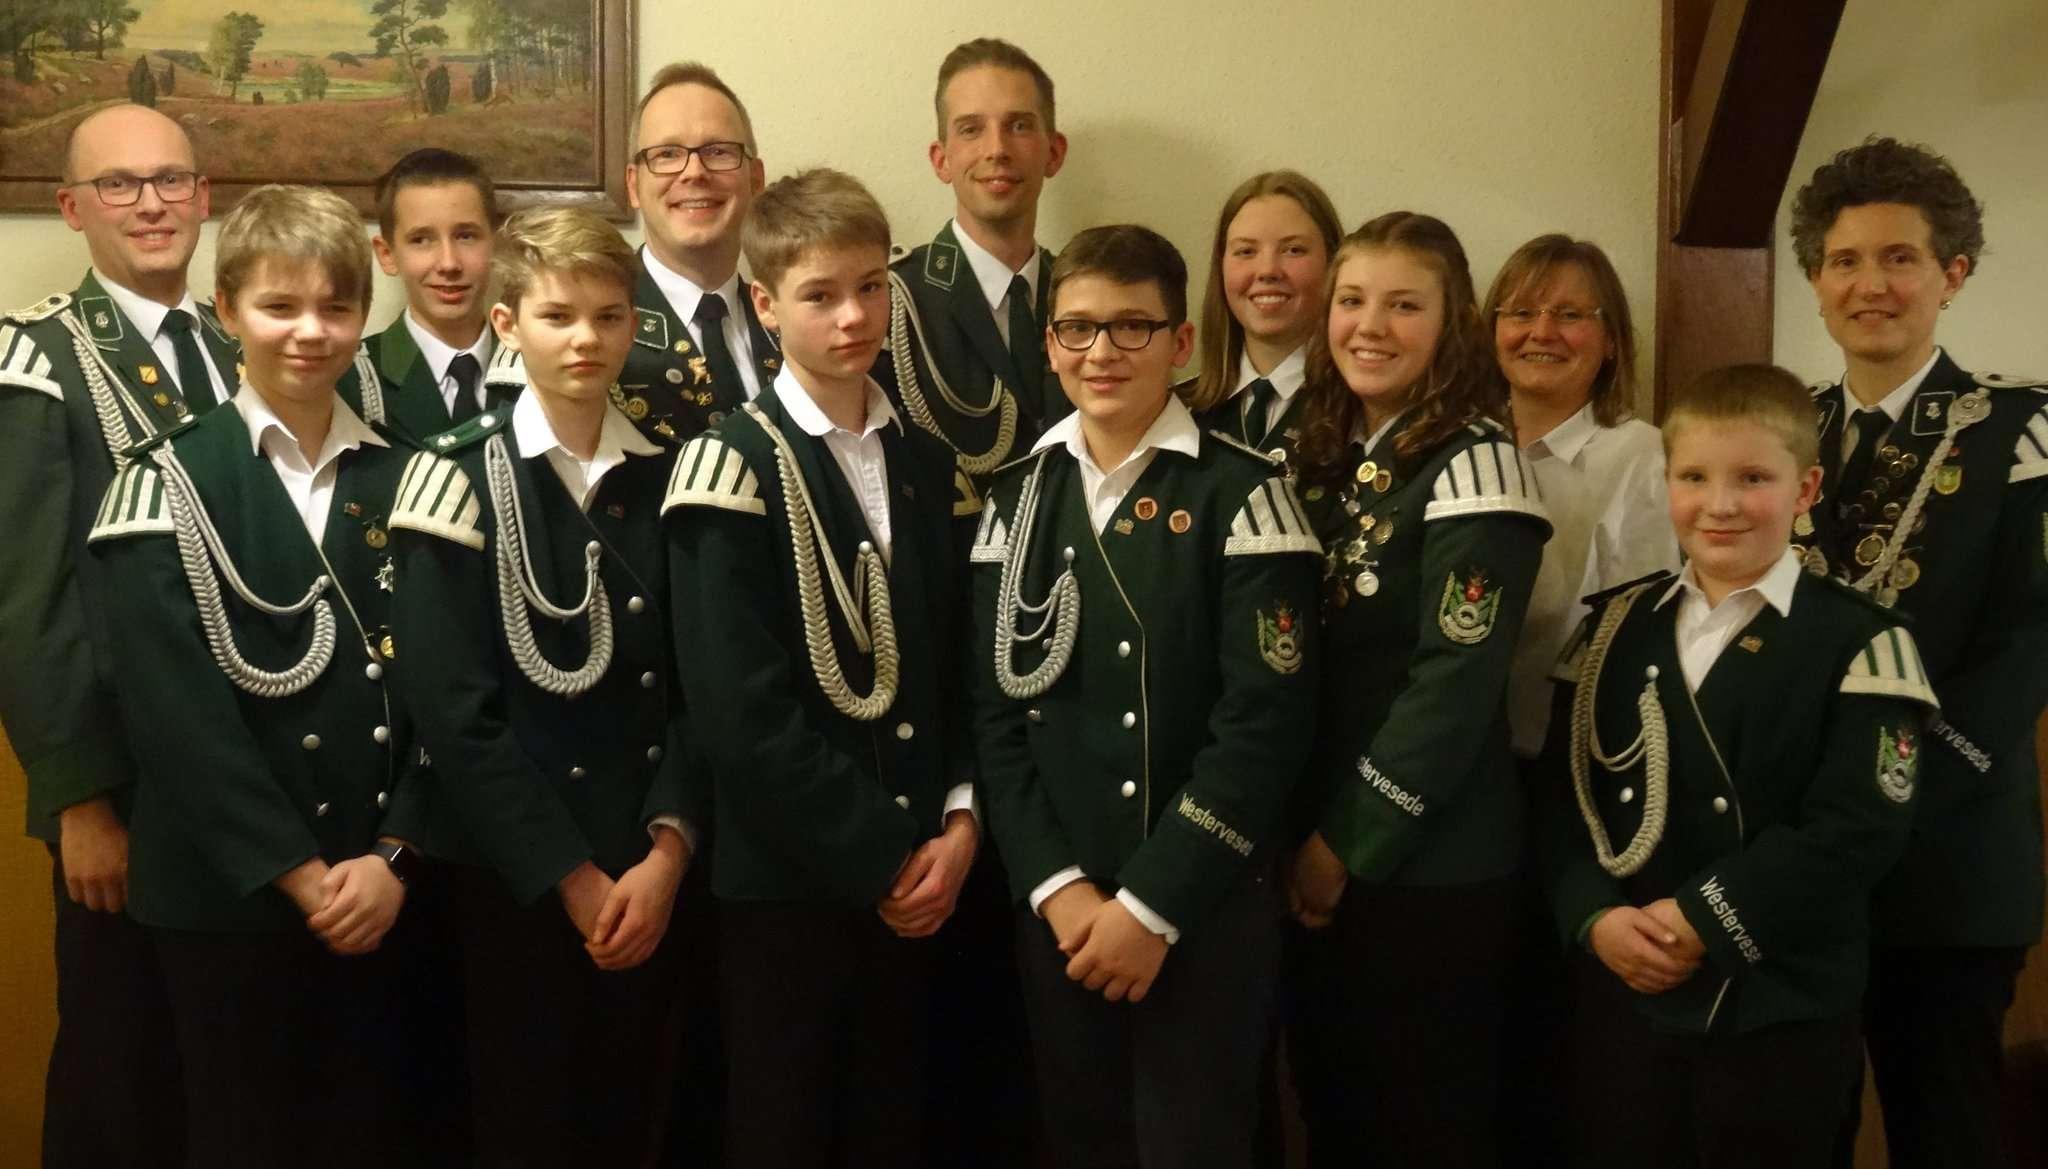 Der erste Vorsitzende Ingmar Bassen und Kreismusikleiterin Nicole Landversicht mit den Geehrten und Beförderten.